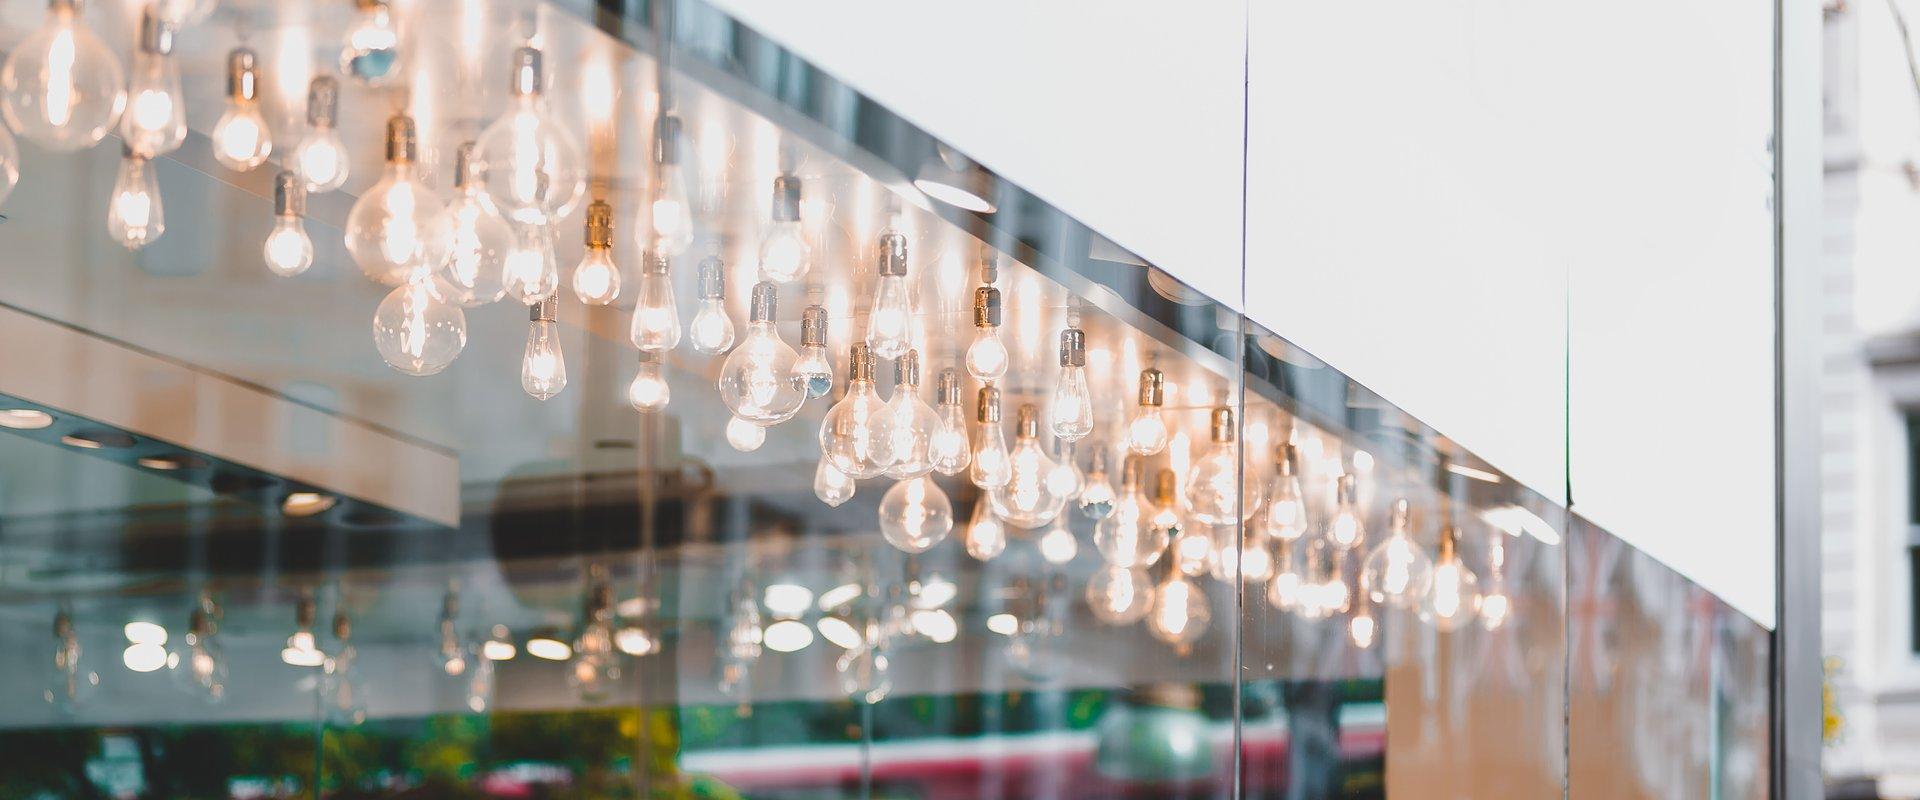 Pierwszy kwartał 2021 pod znakiem małych centrów handlowych, nowych trendów i e-commerce